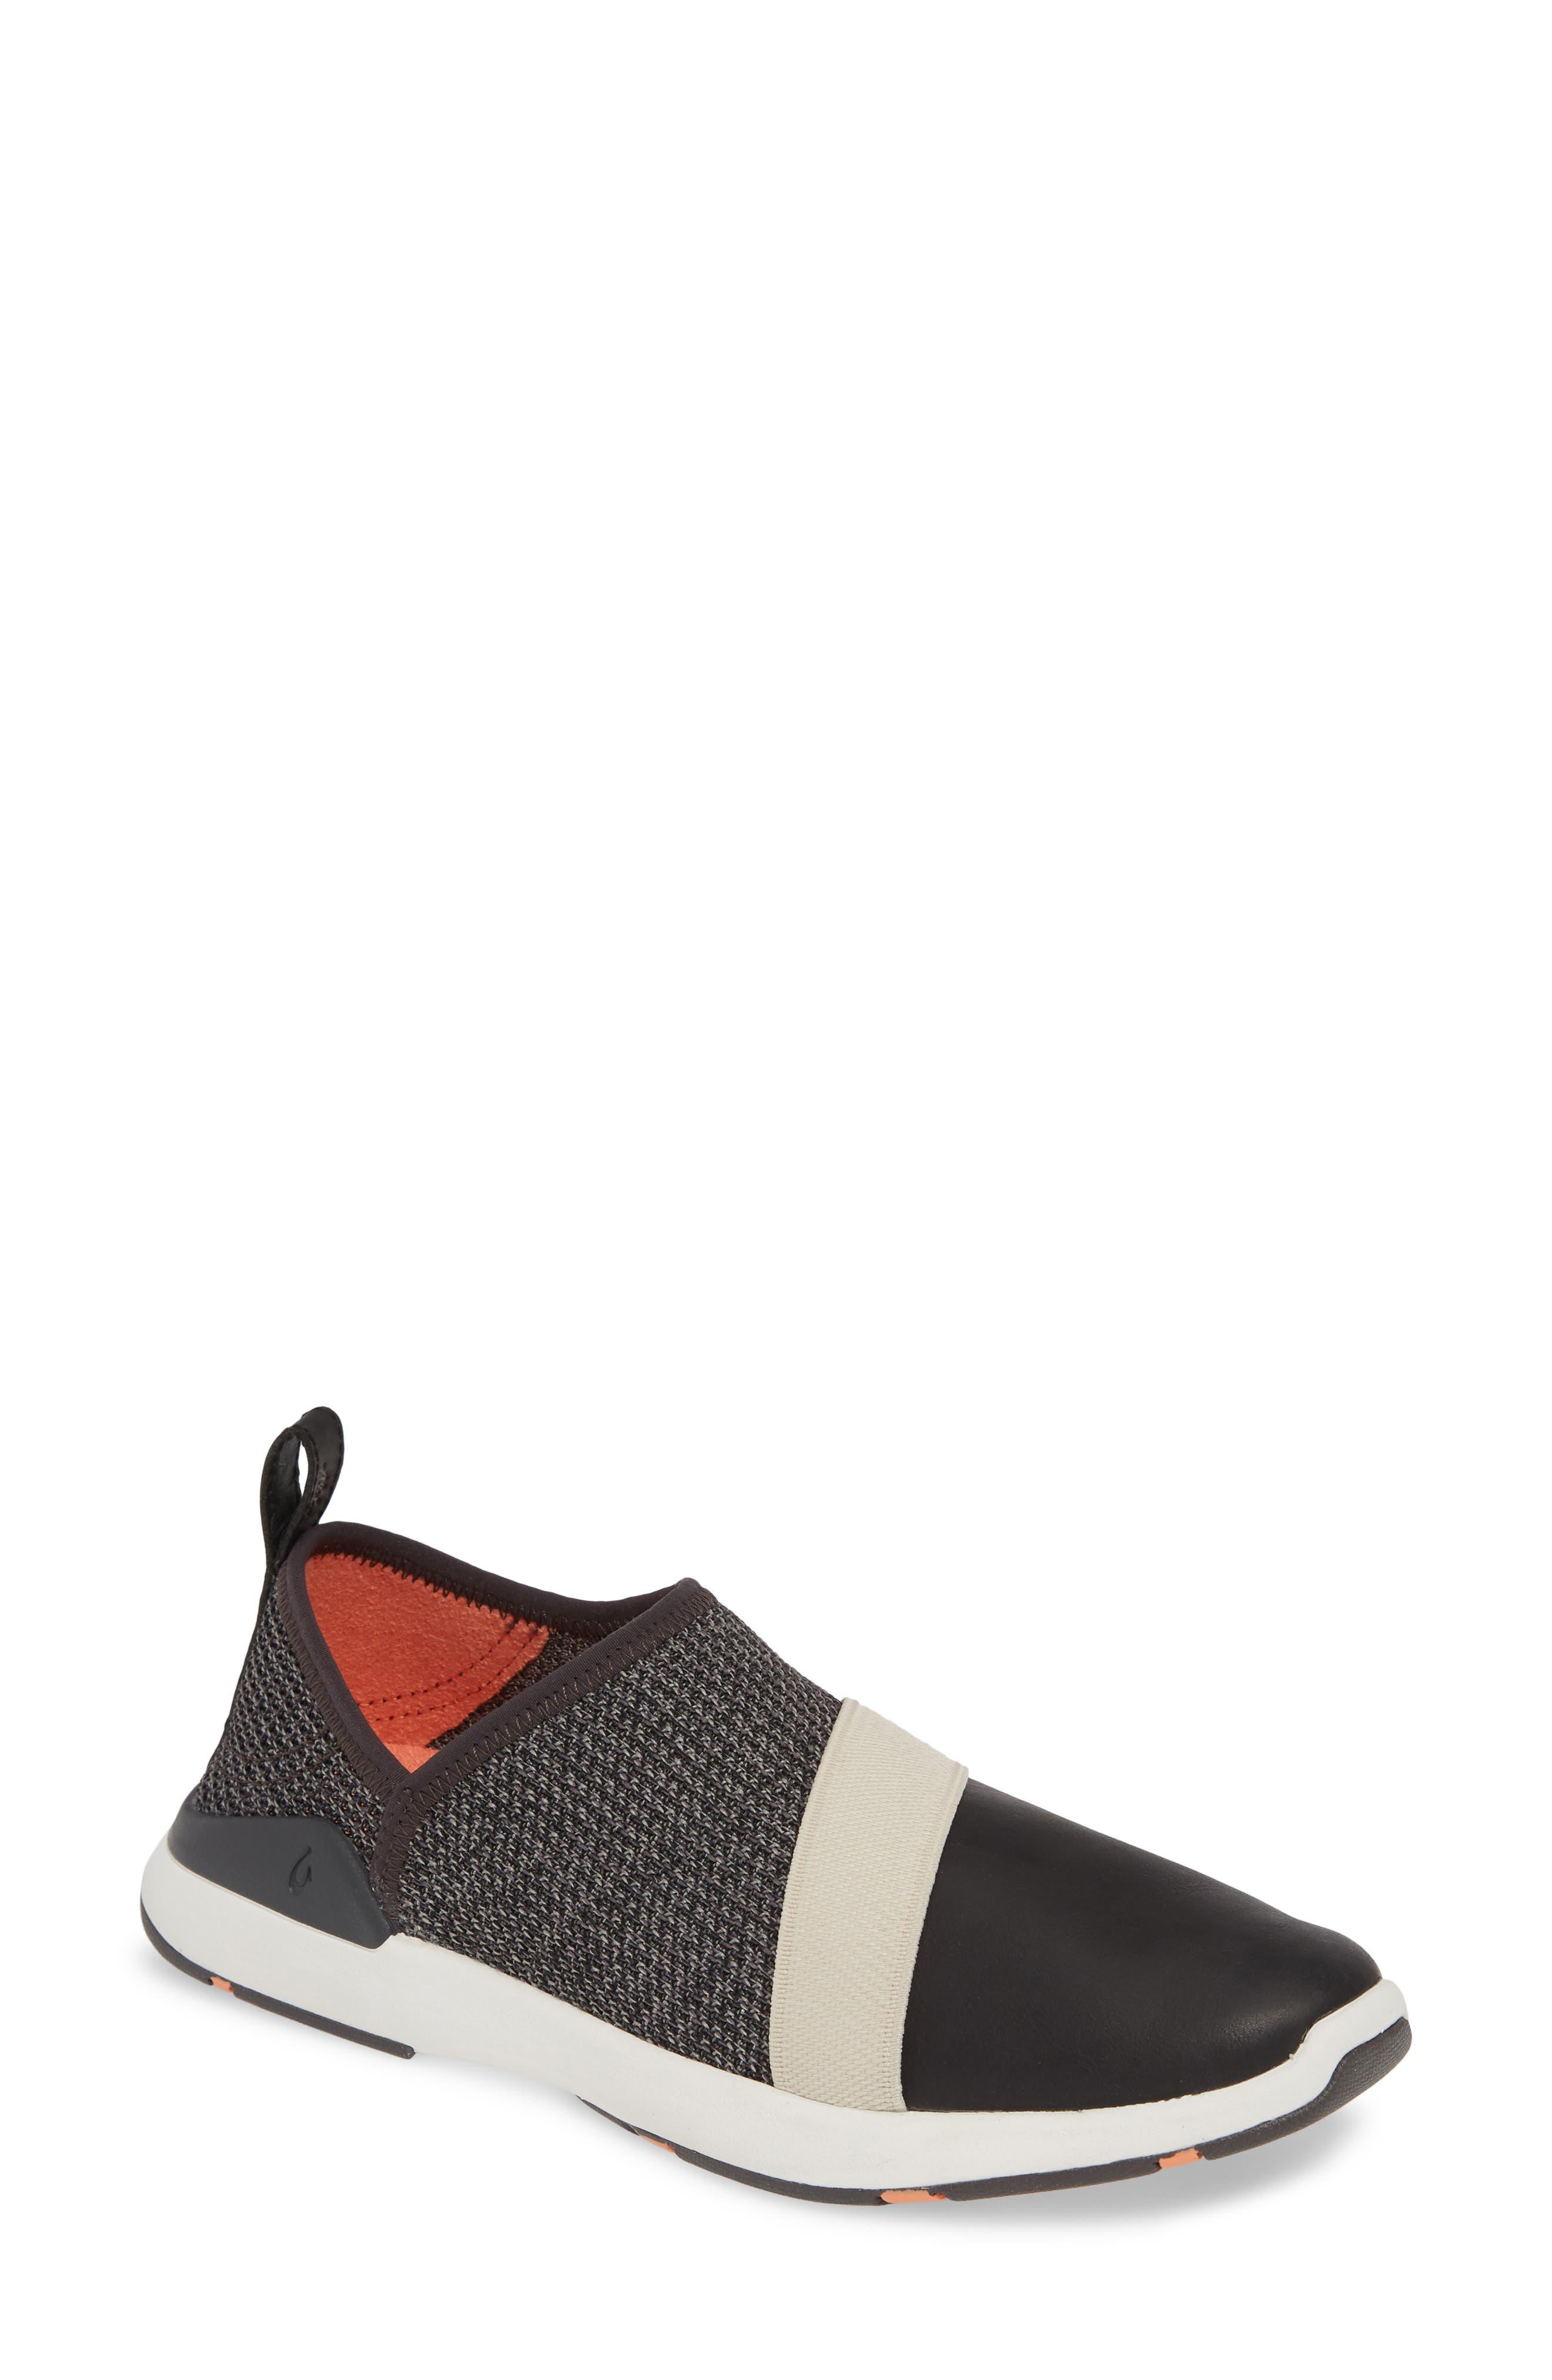 Olukai Miki Slip-On Sneaker, Black